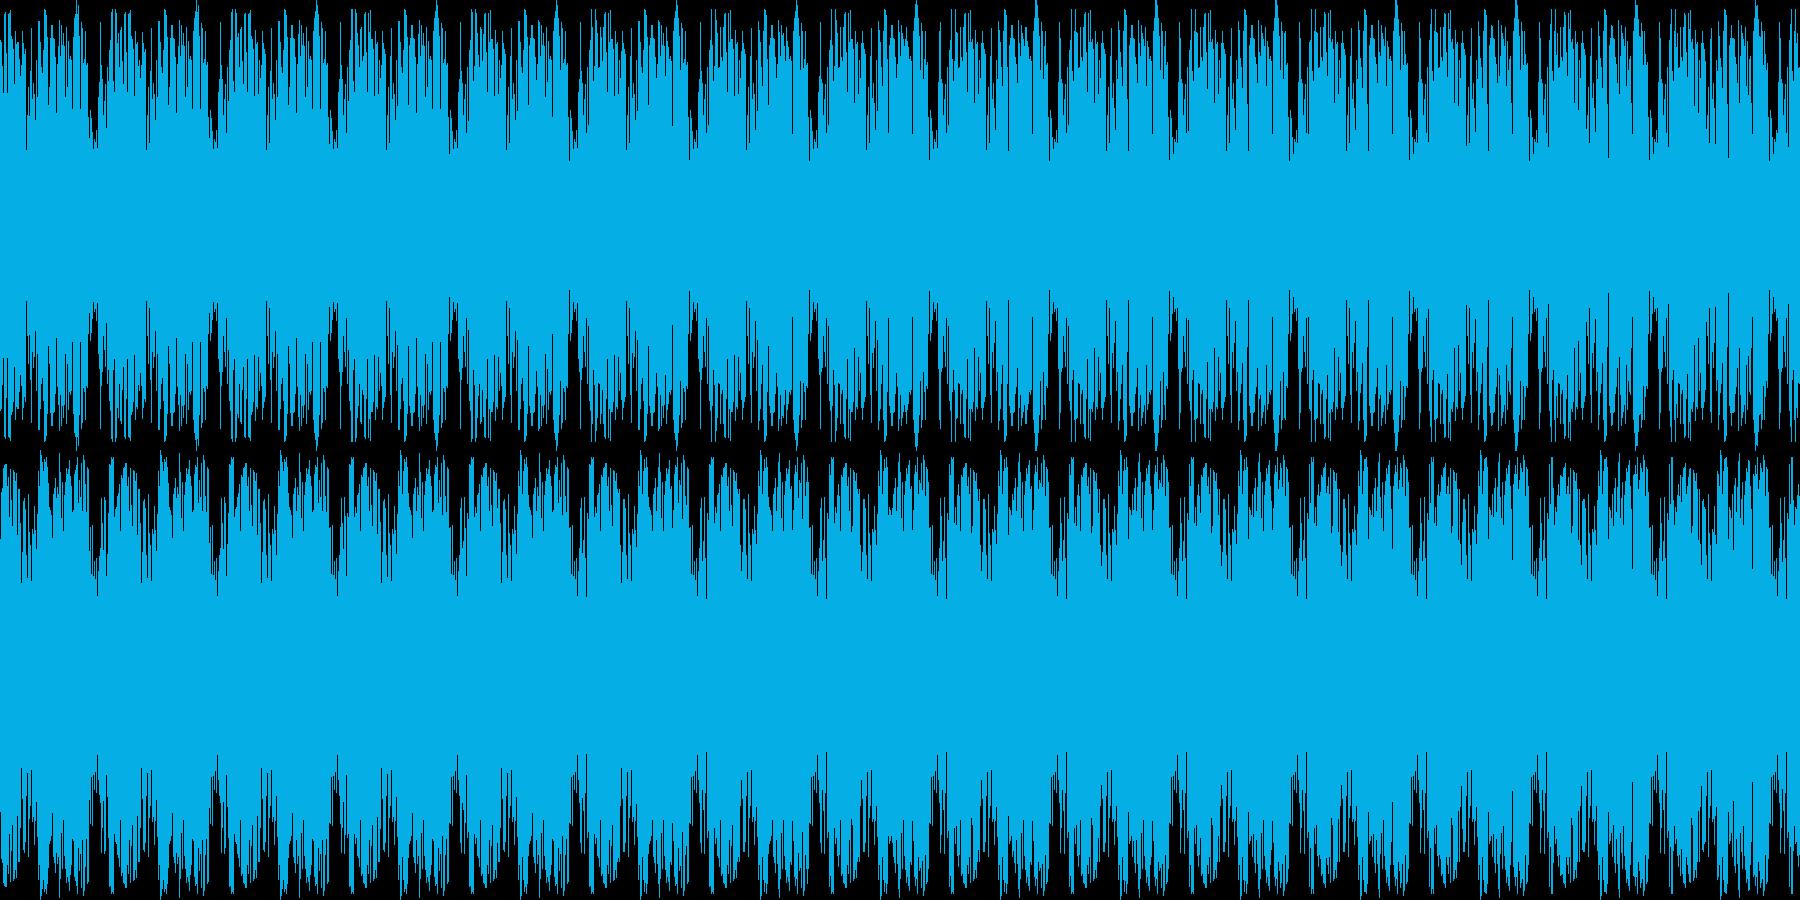 奇妙なシンセ音の再生済みの波形